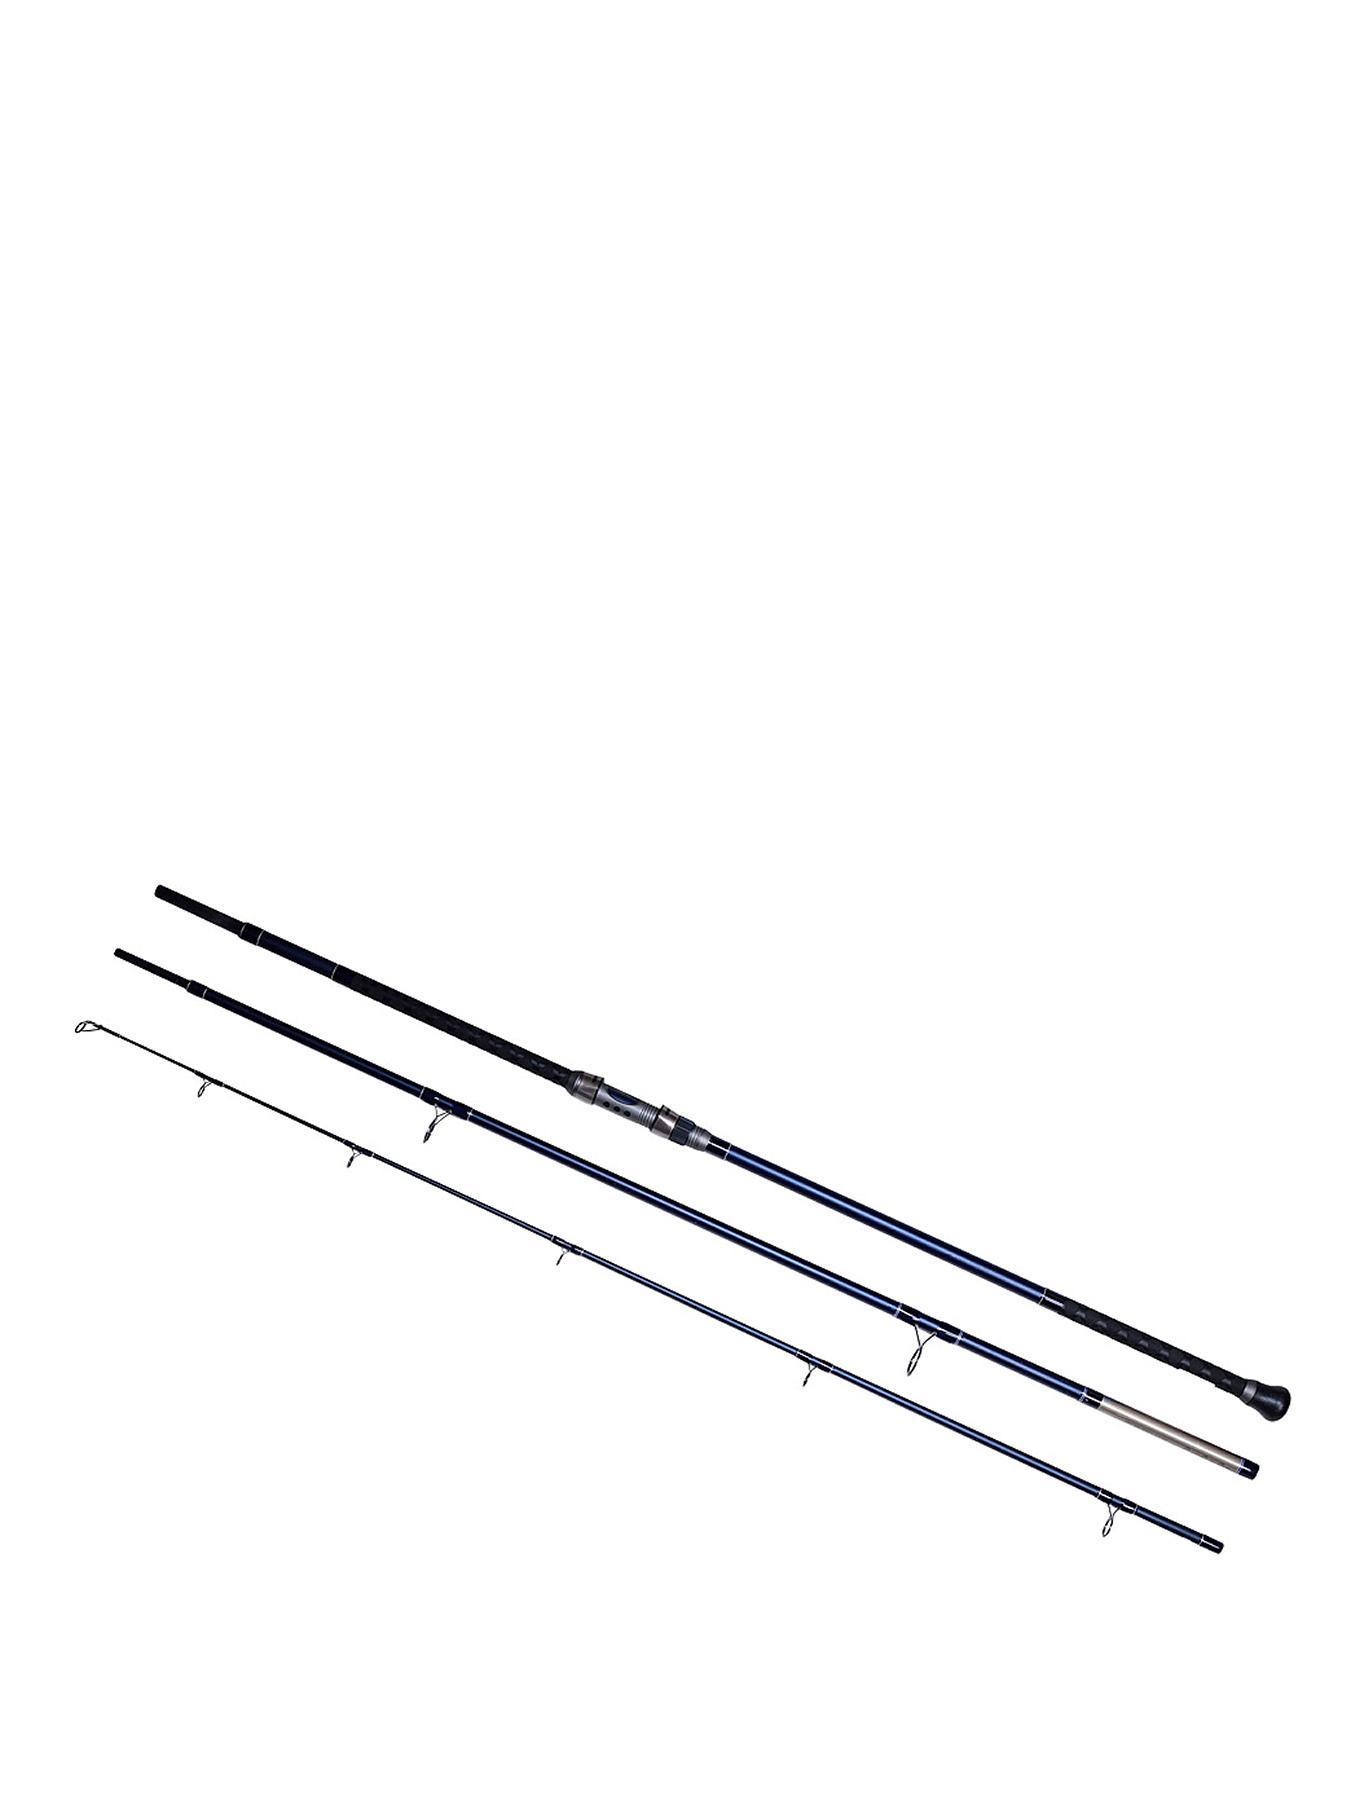 shakespeare Agility Bass 11ft 6 inch 2-4oz Rod